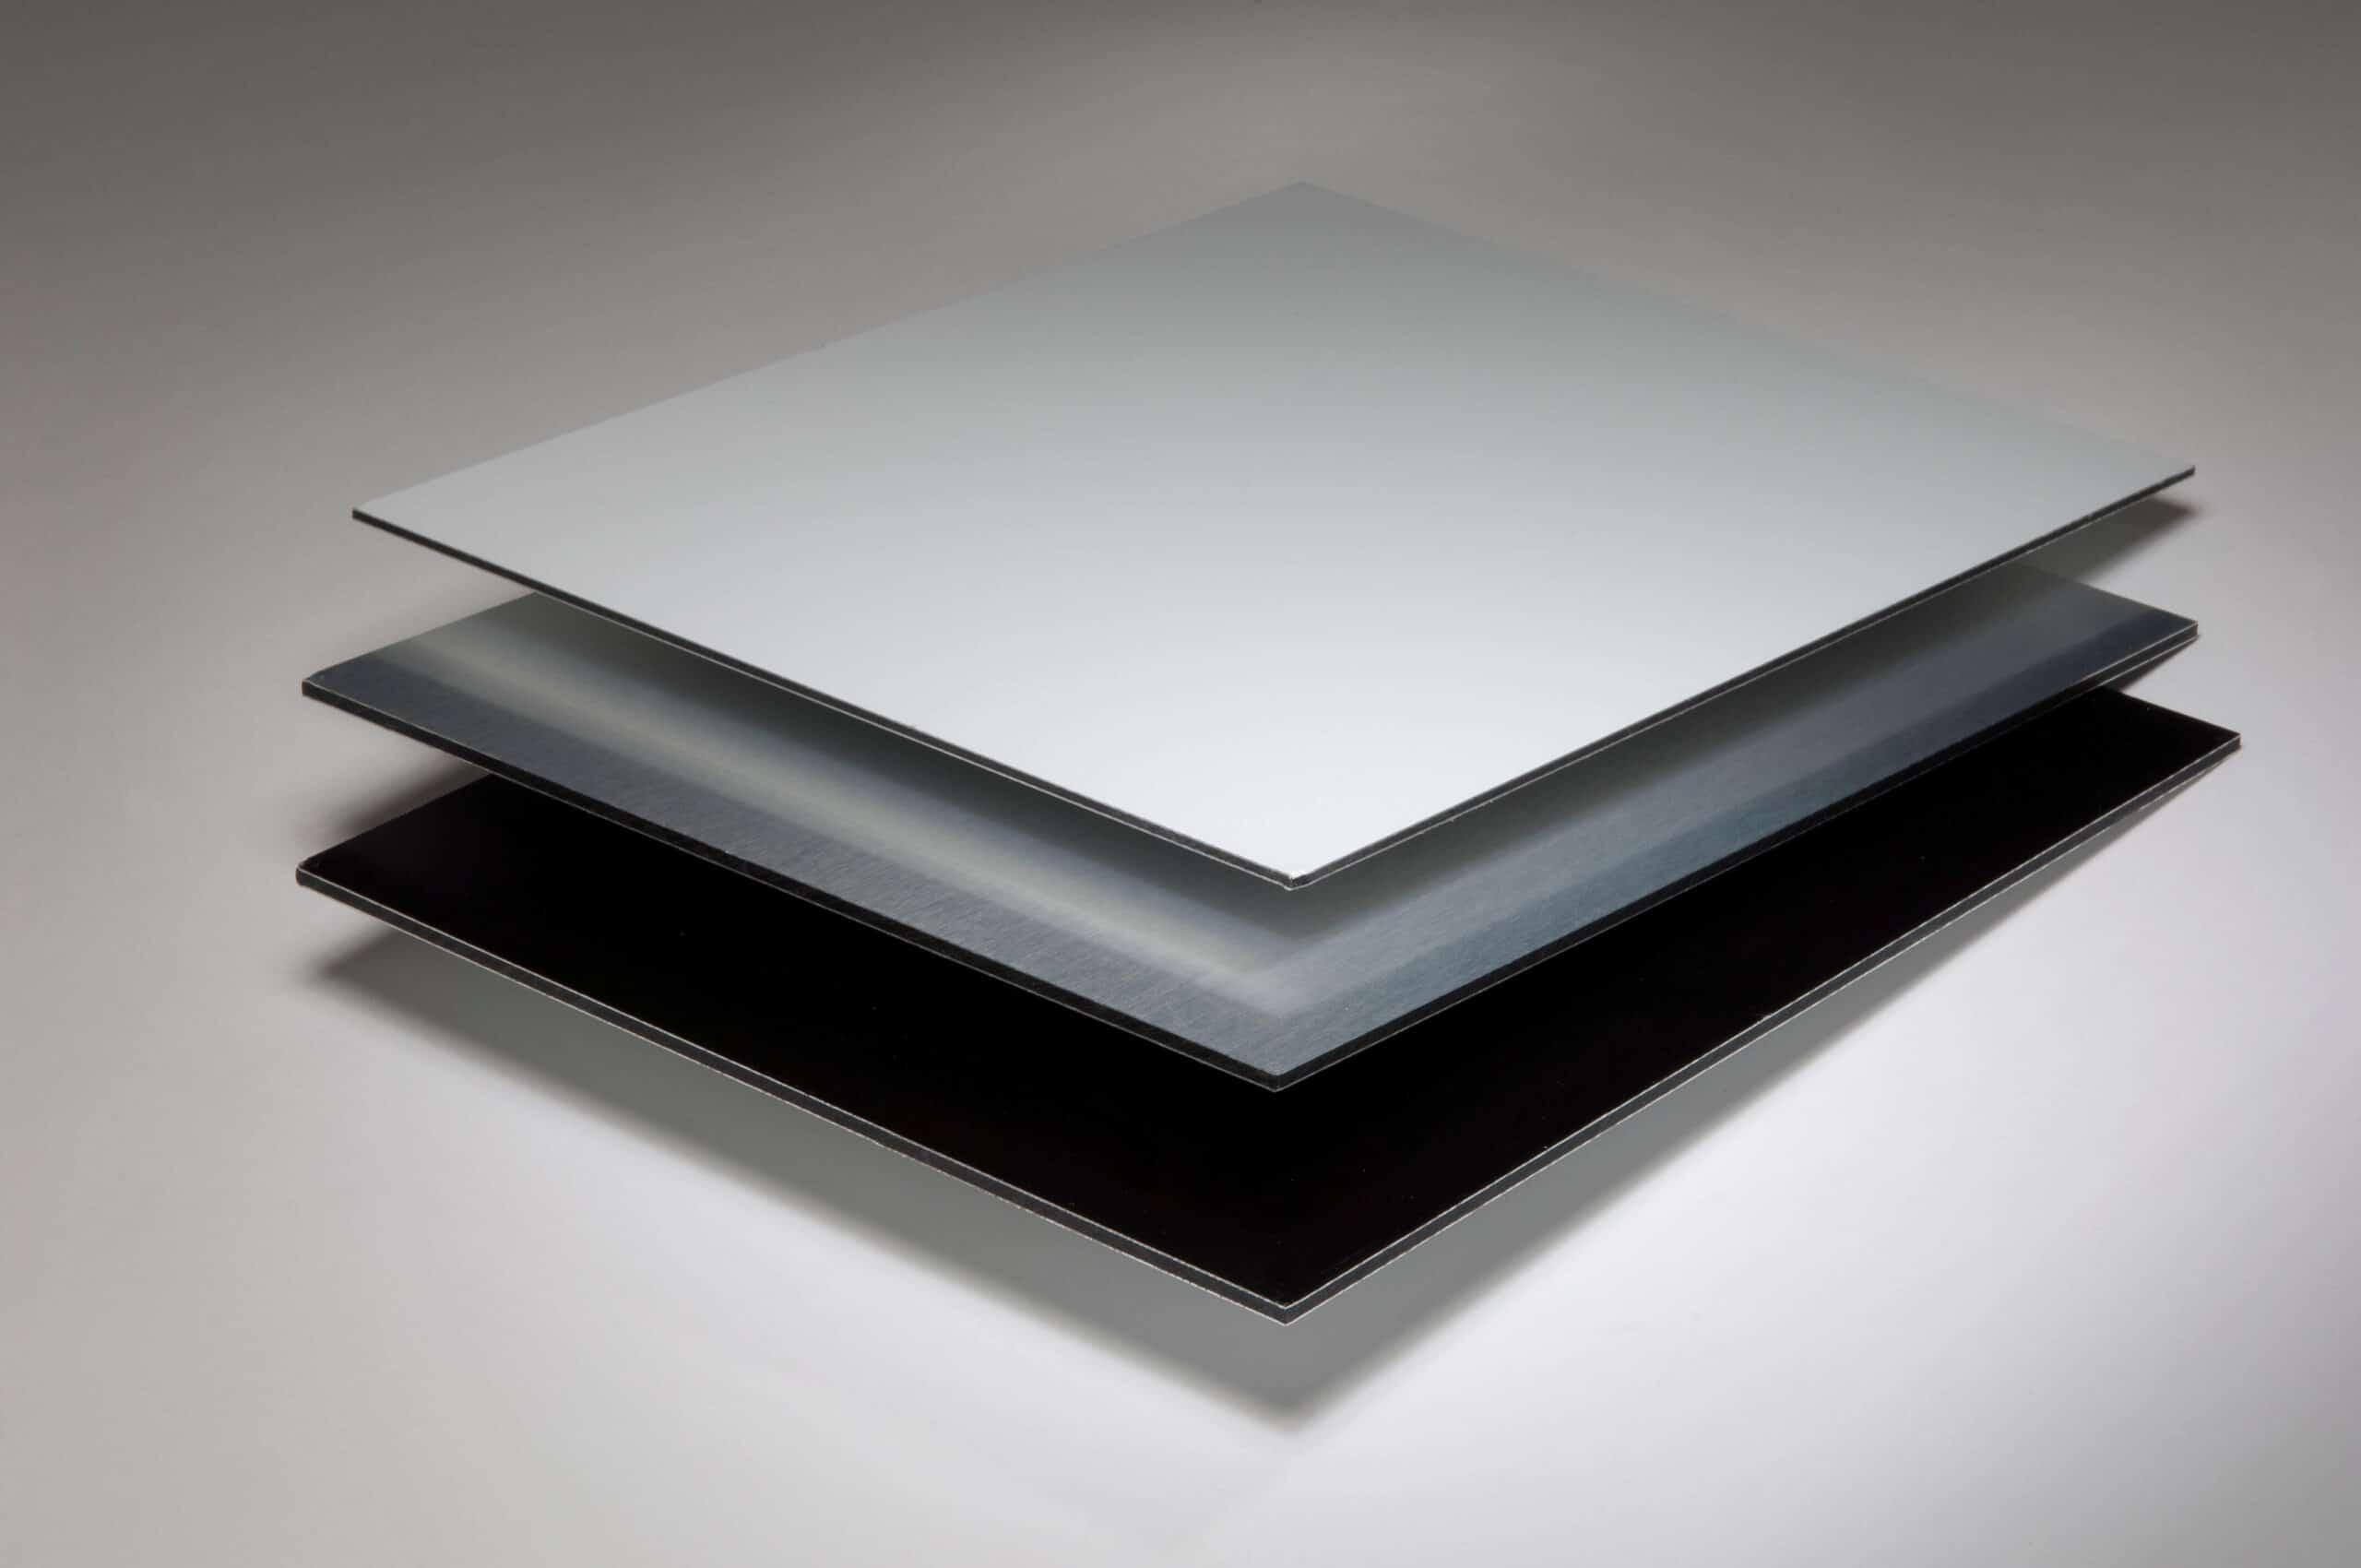 ACM alimumin Composite Material